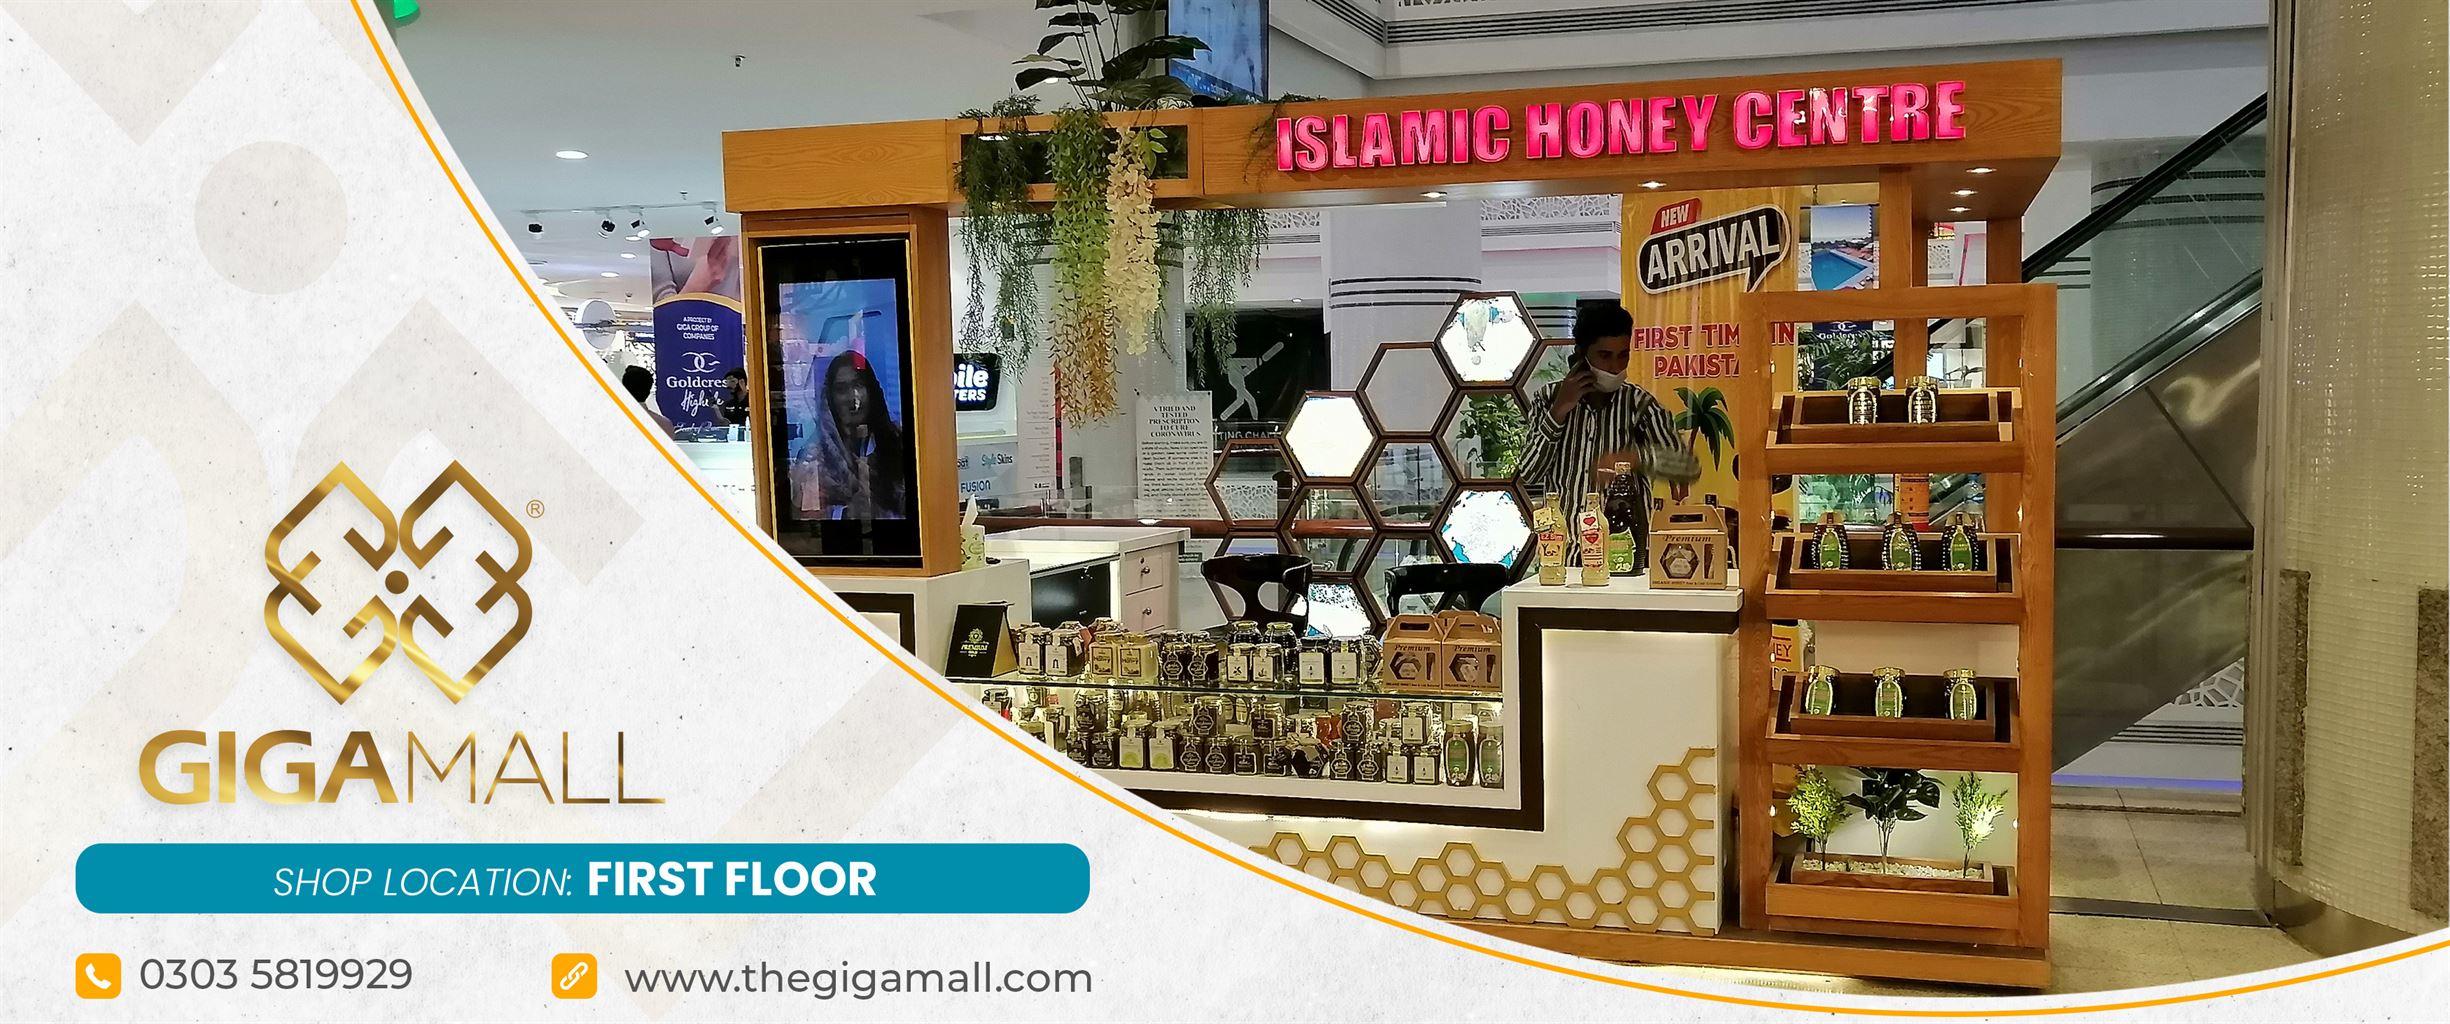 Islamic Honey Center